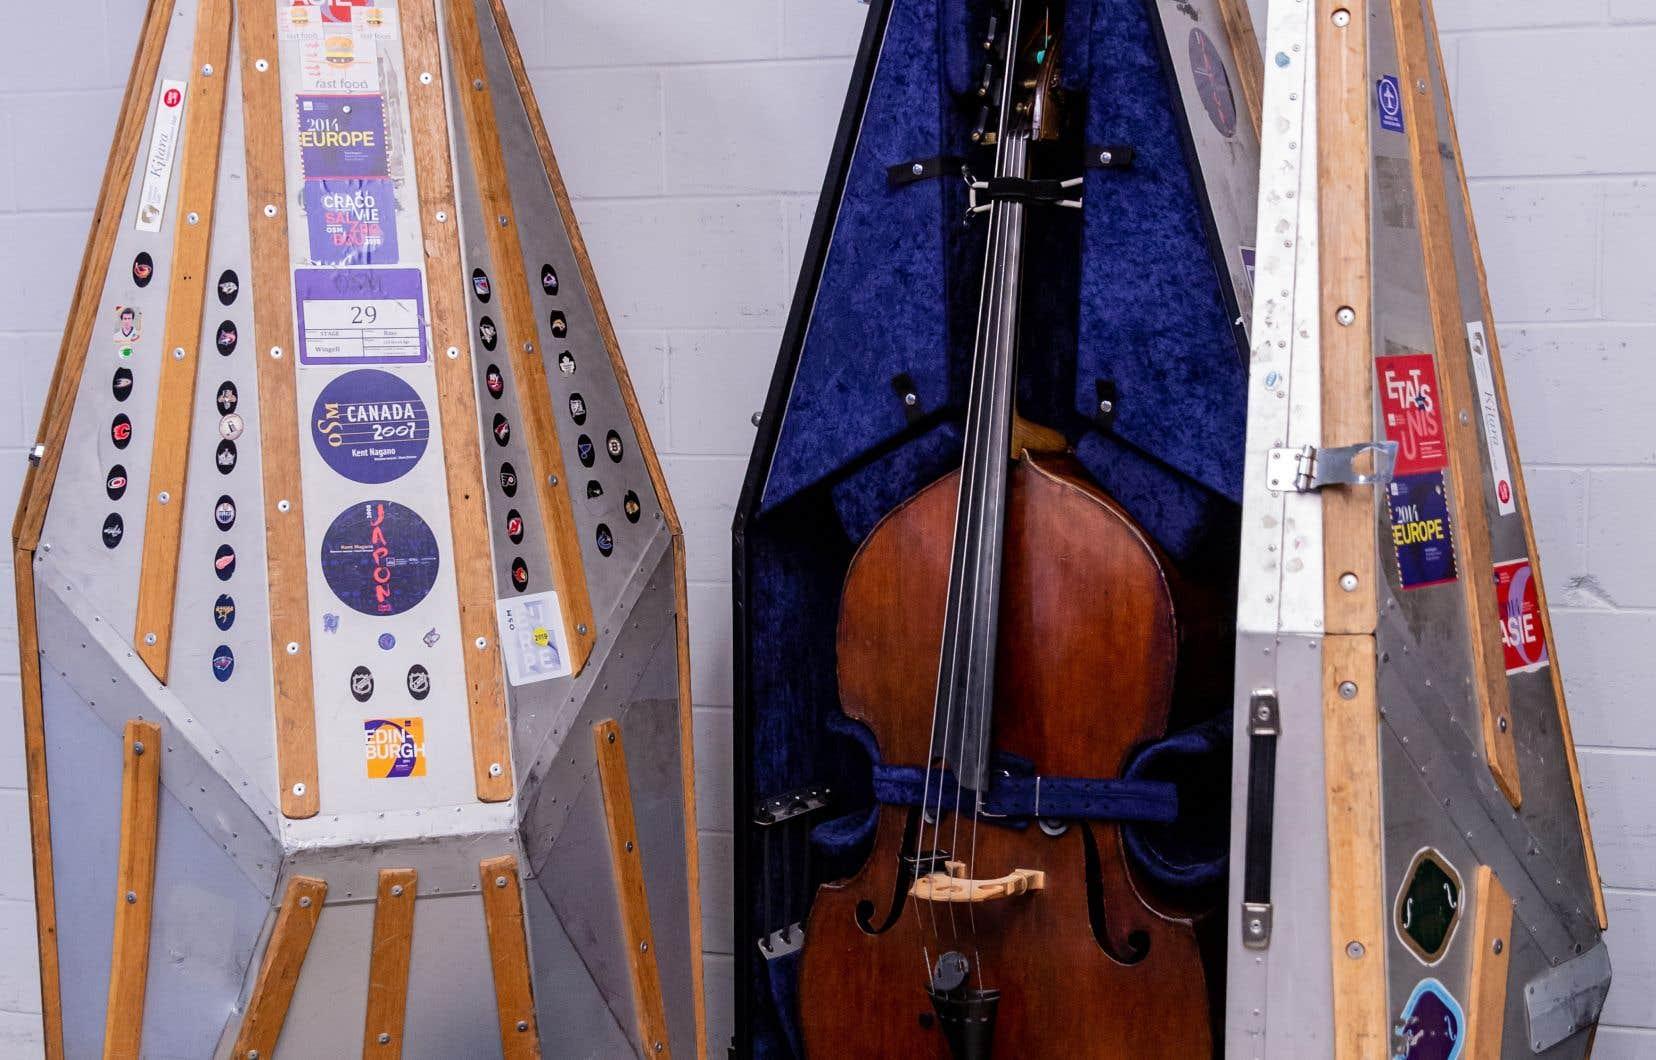 Aux yeux de la Fédération canadienne des musiciens (FCM),le gouvernement fédéral a effectué «une percée majeure» dans la nouvelle version du Règlement sur la protection des passagers aériens une clause forçant les transporteurs d'ici à accepter les instruments de musique en vol.